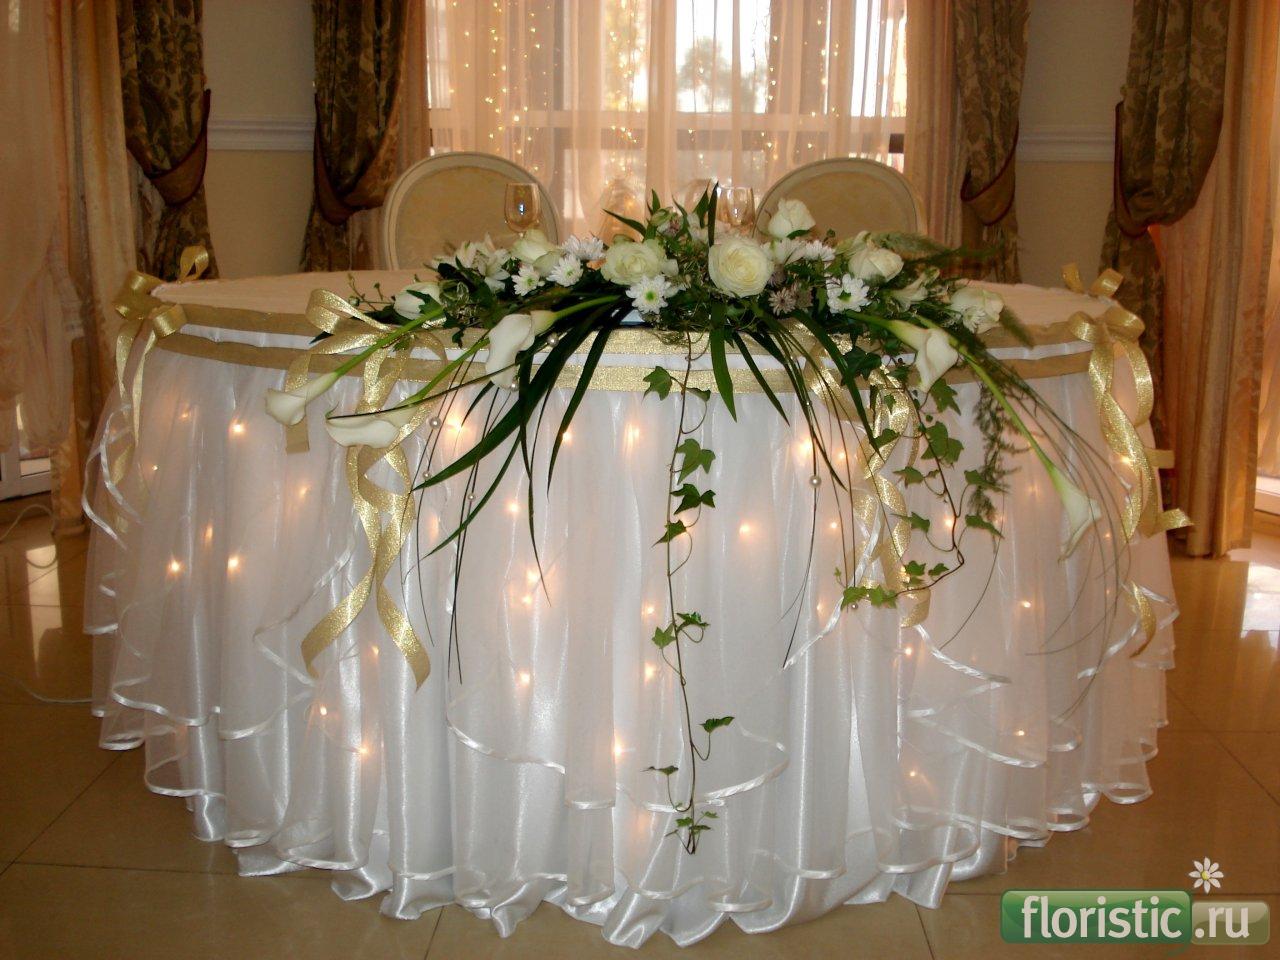 Идеи украшения свадебного стола своими руками фото 776